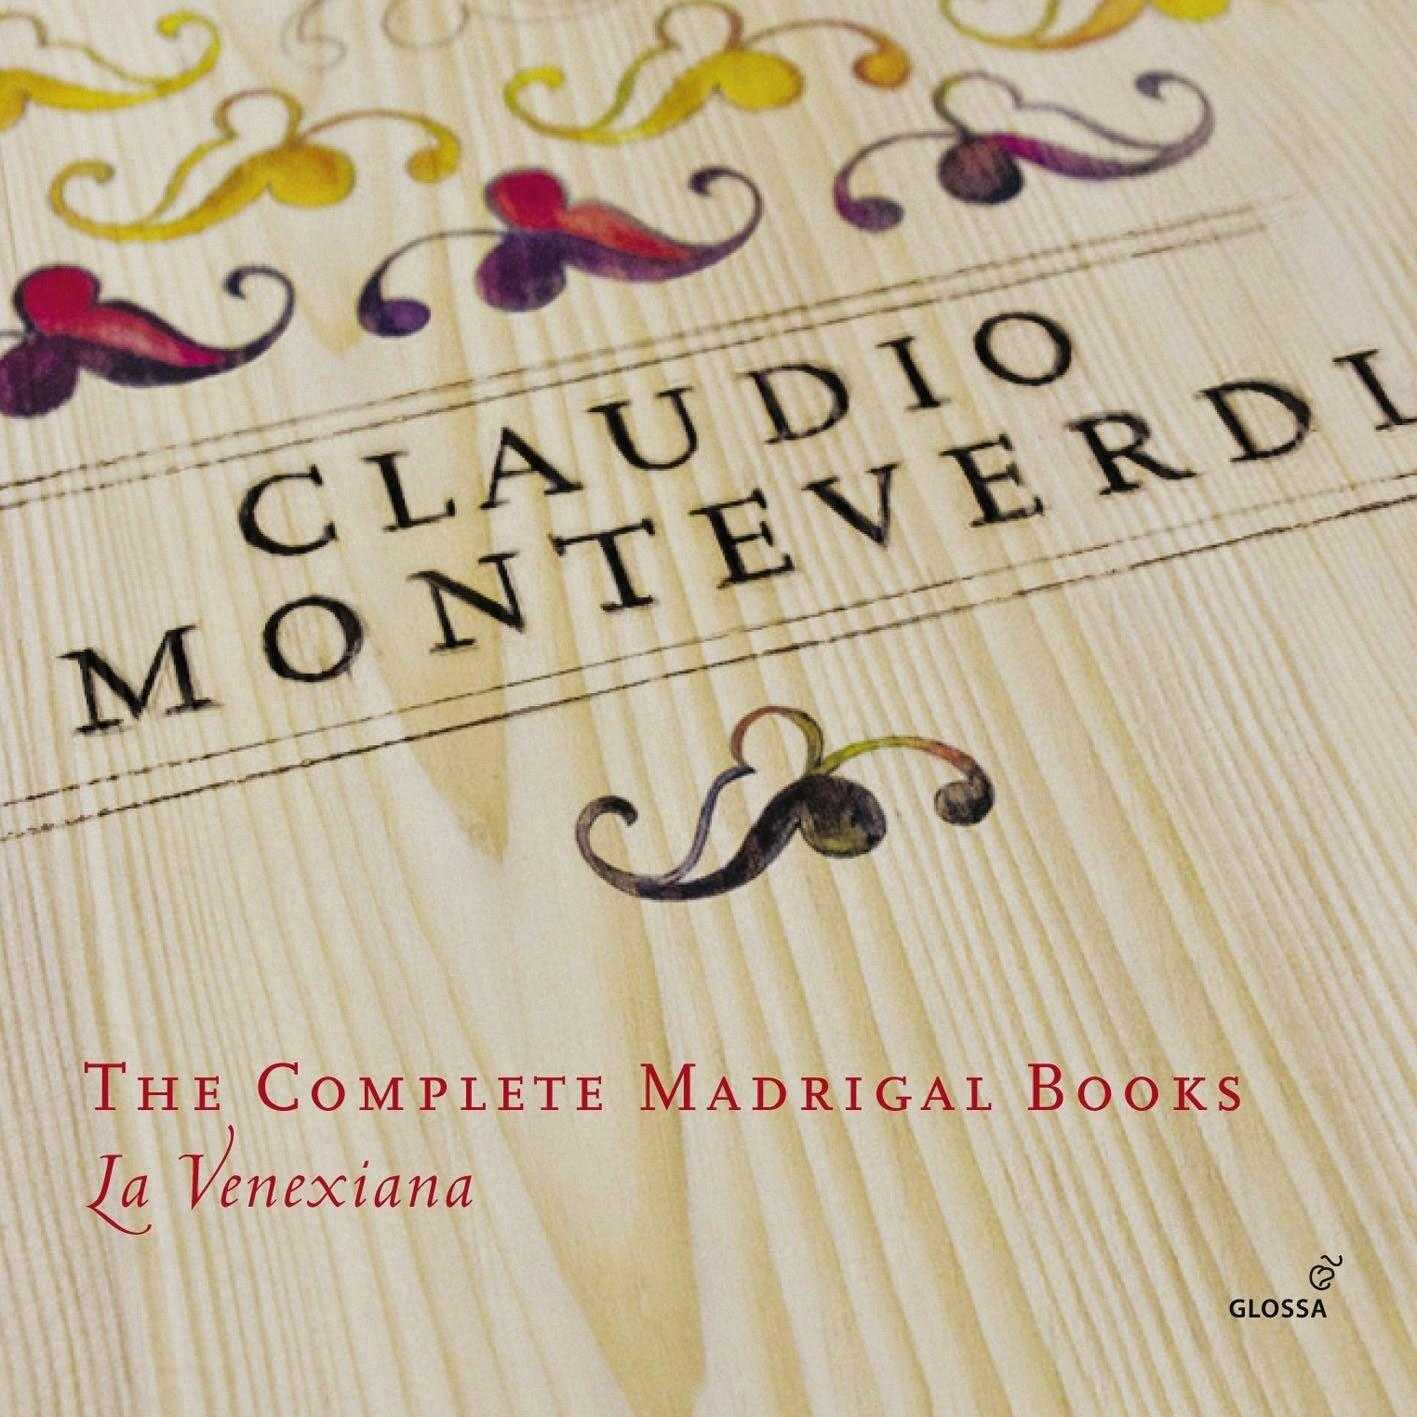 http://ad.zanox.com/ppc/?22264400C1400712249&ulp=[[musique.fnac.com%2Fa7534644%2FClaudio-Monteverdi-Integrale-des-madrigaux-CD-album]]